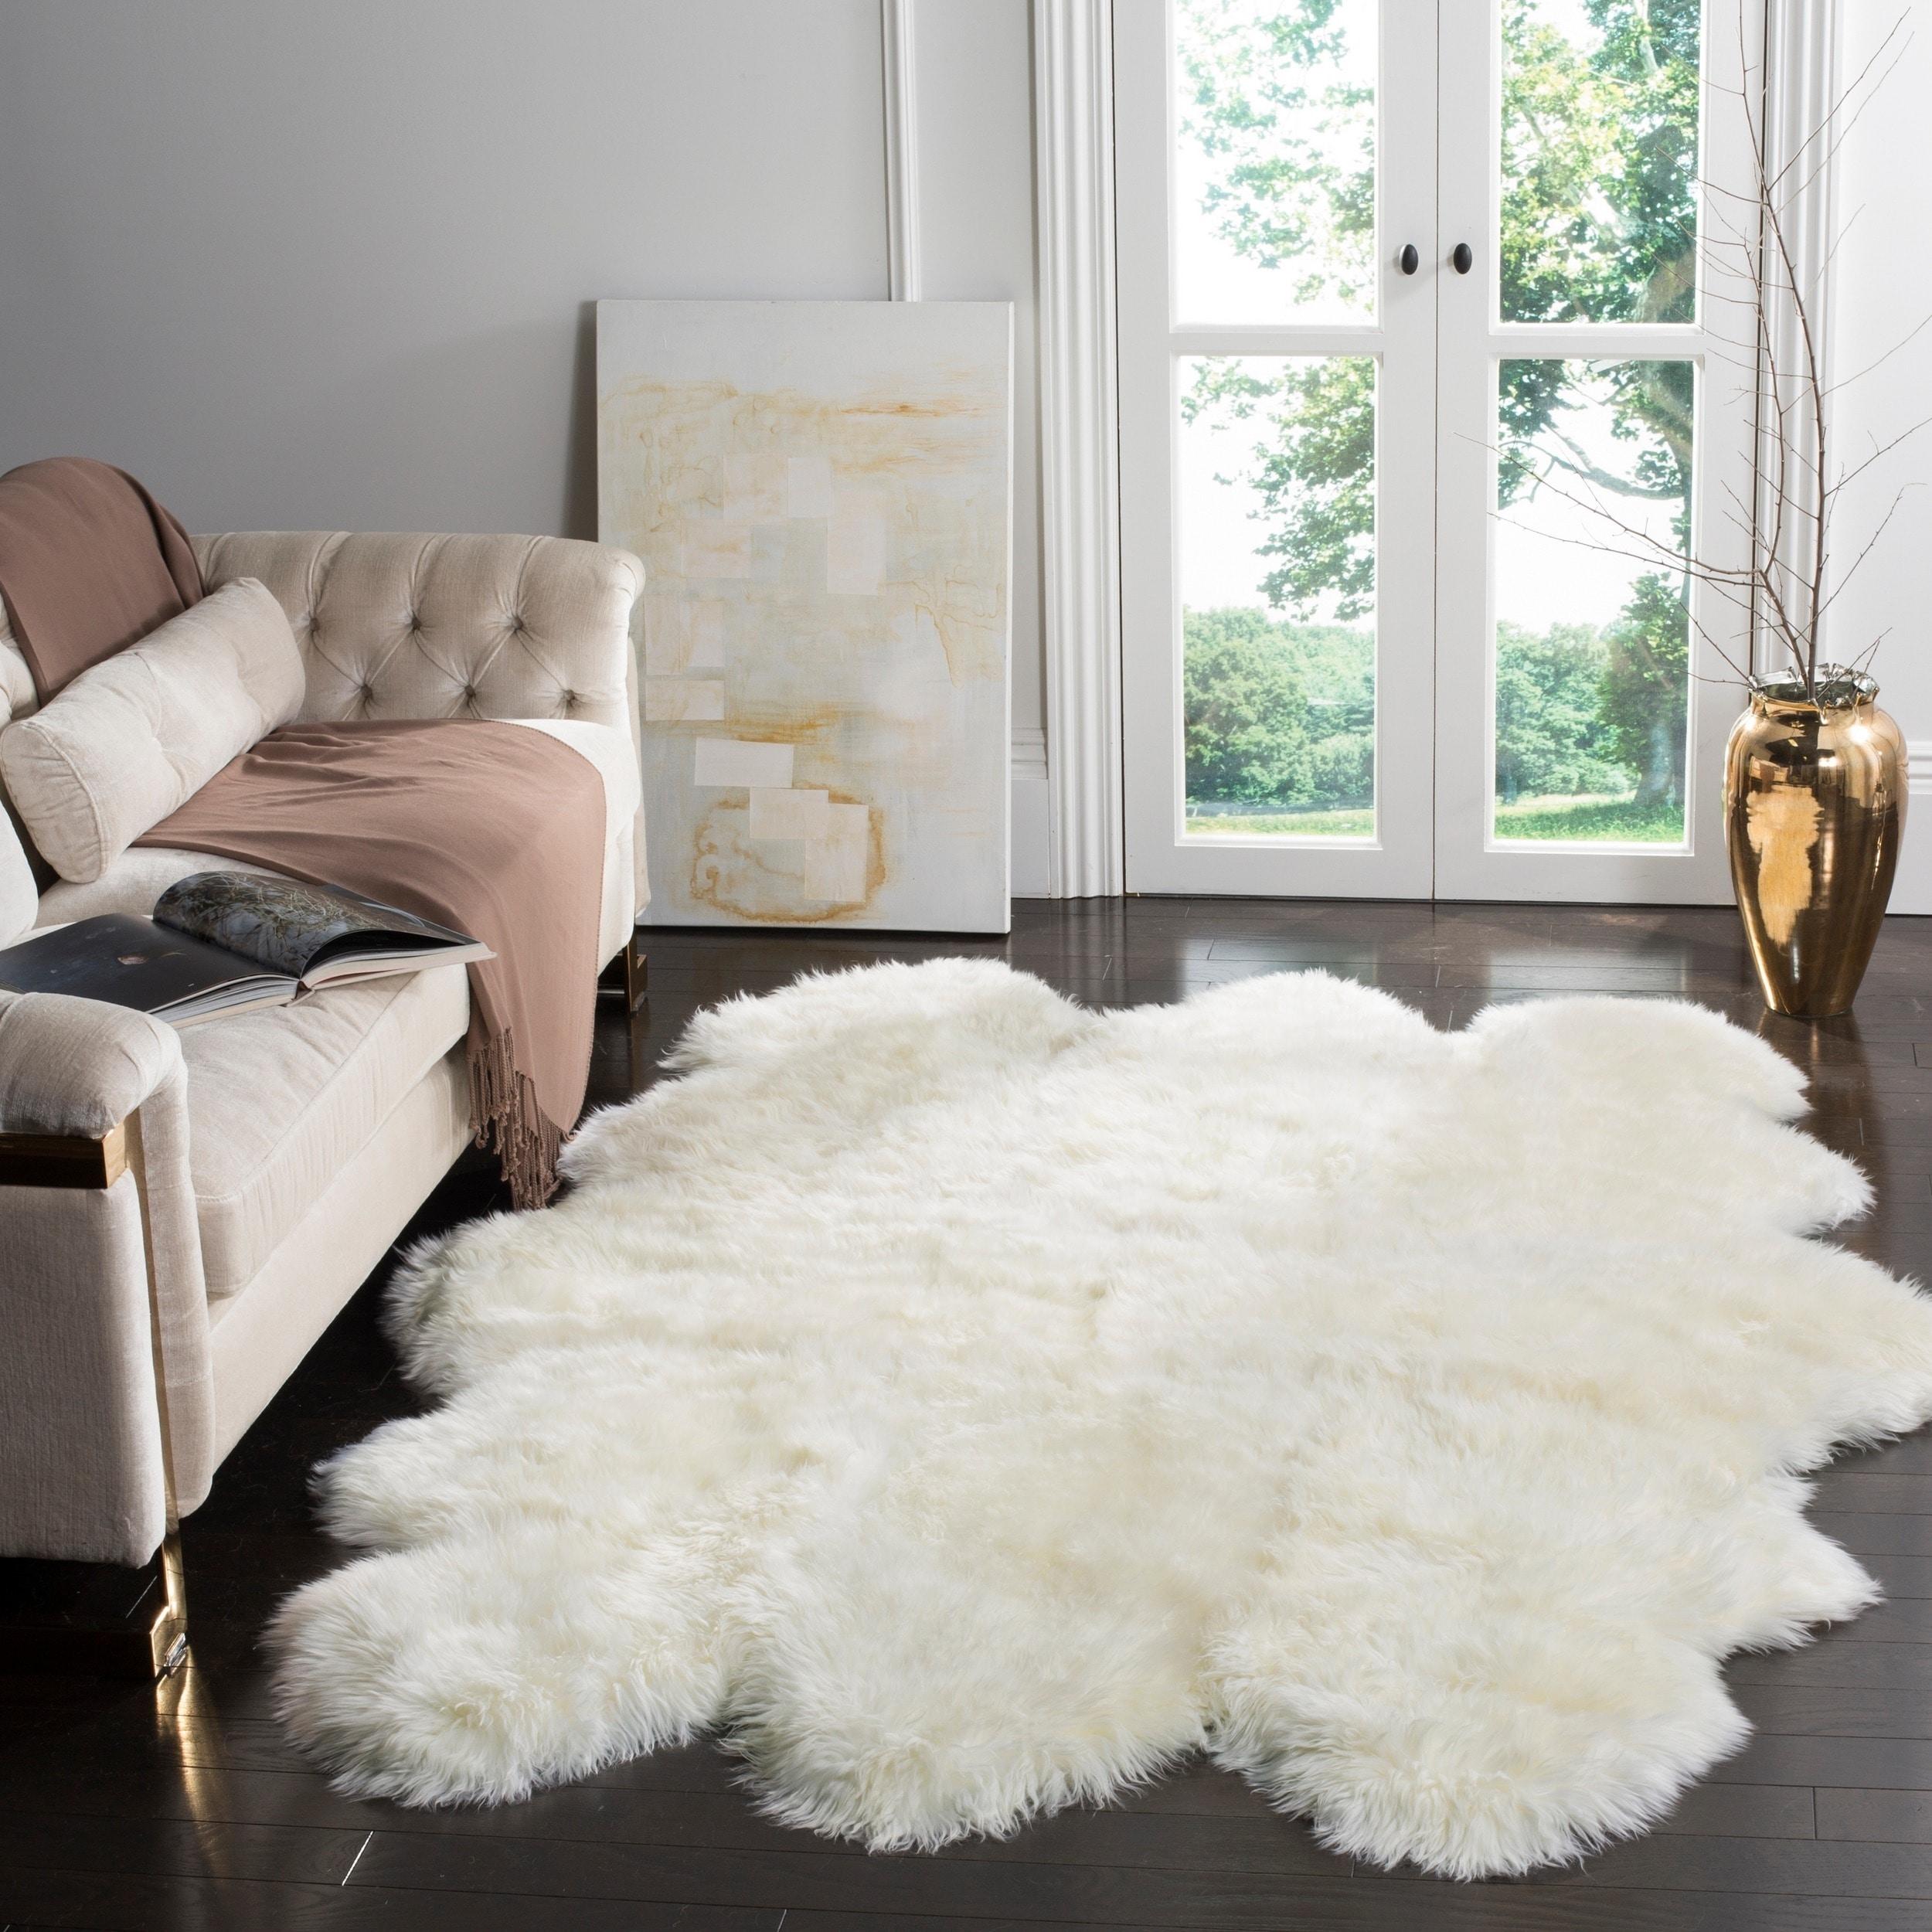 White Shag Rug In Bedroom Bedroom Elegant Room Design Ideas White ...